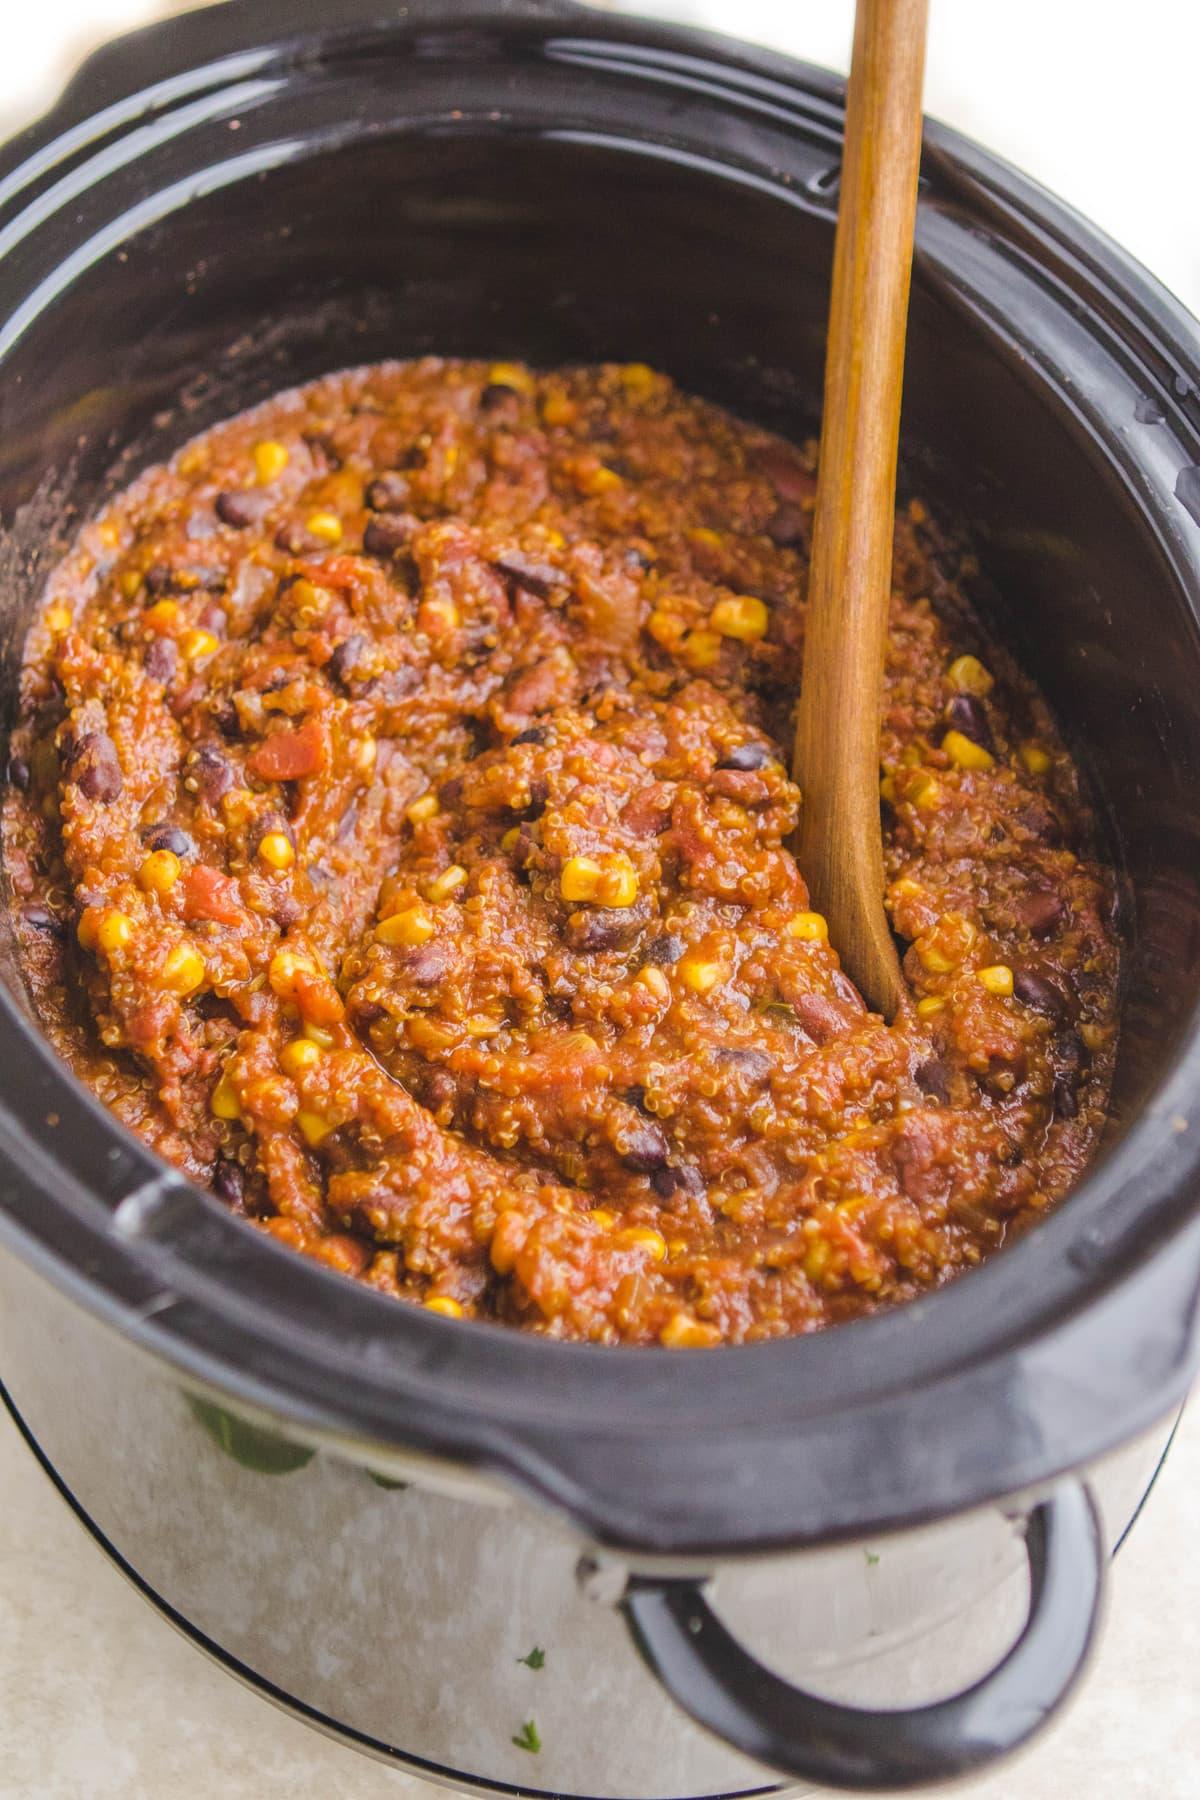 Slow Cooker Vegan Bean & Quinoa Chili #vegan #mealprep #slowcooker #plantbased